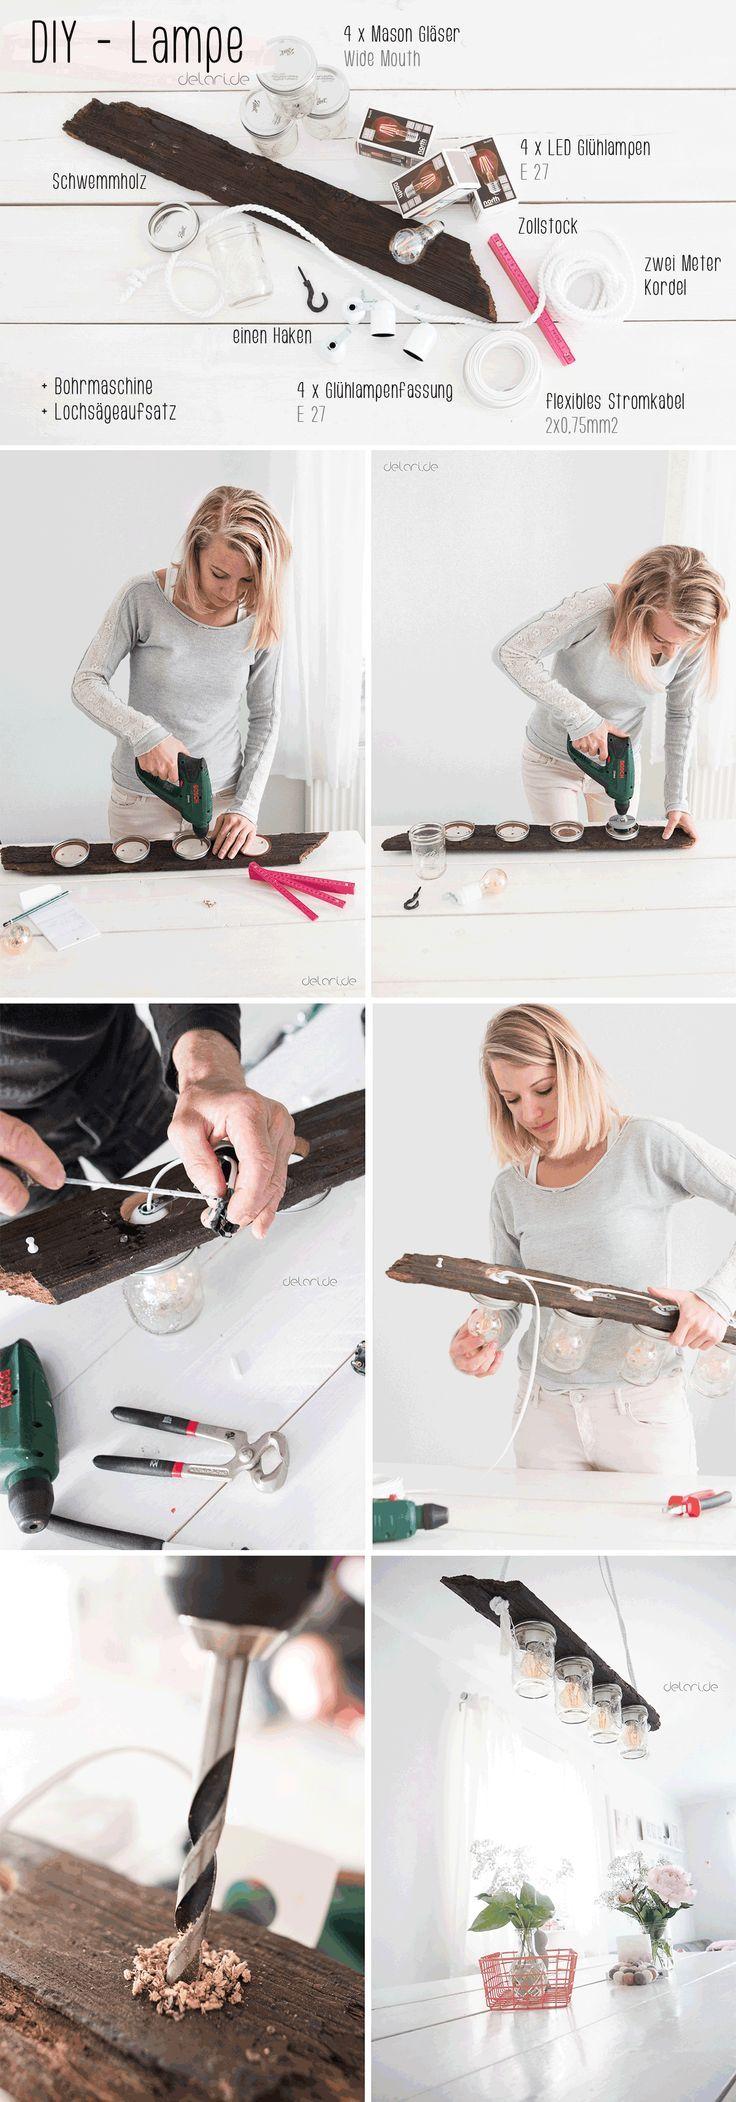 DIY – Lampe – Eine ucycling Idee für Mason Jar Gläser und Schwemmholz – eine L… #masonjardecorating